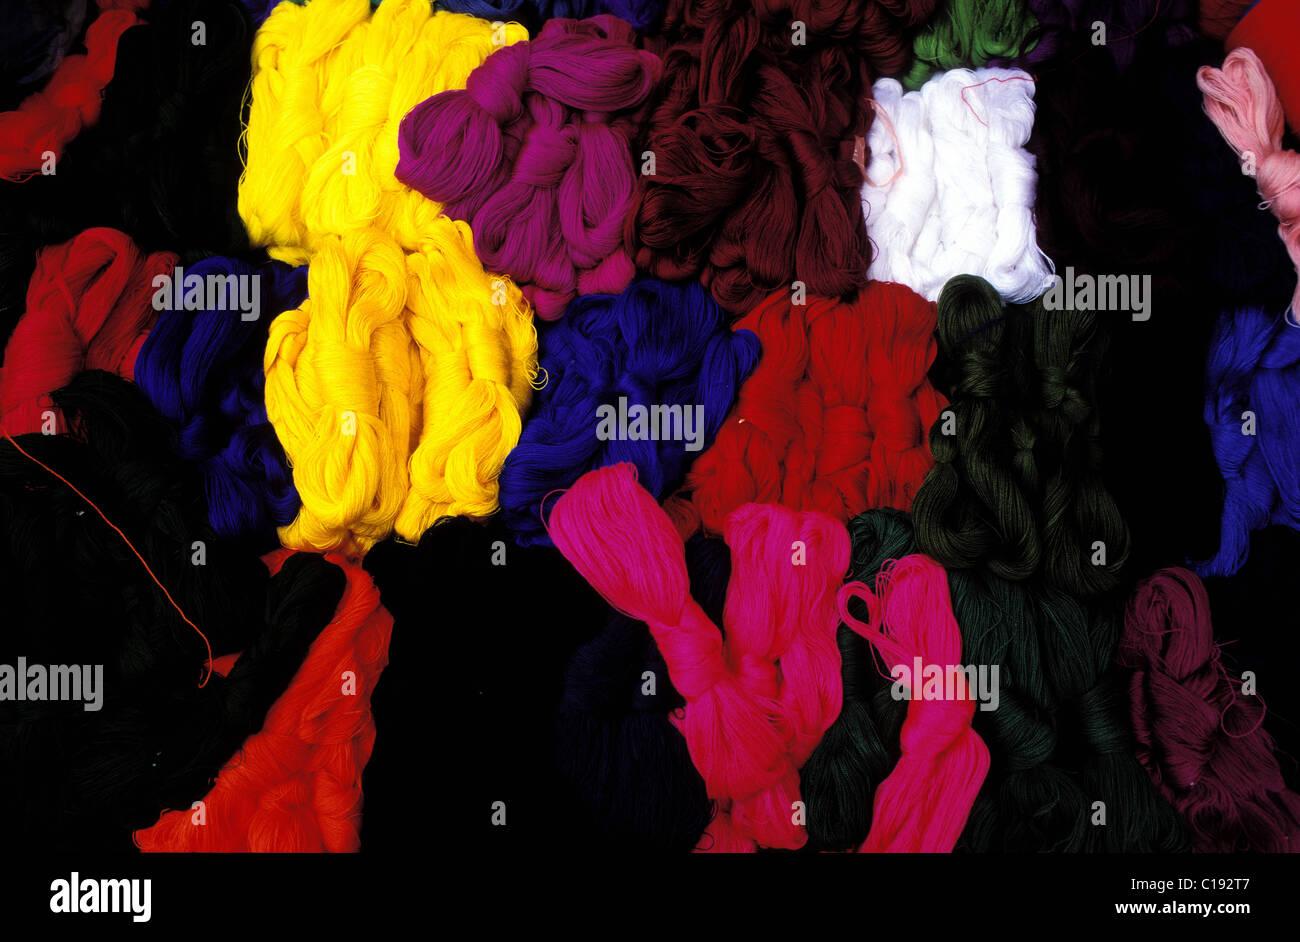 Guatemala, Solola Department, Atitlan lake Santiago Atitlan wool - Stock Image